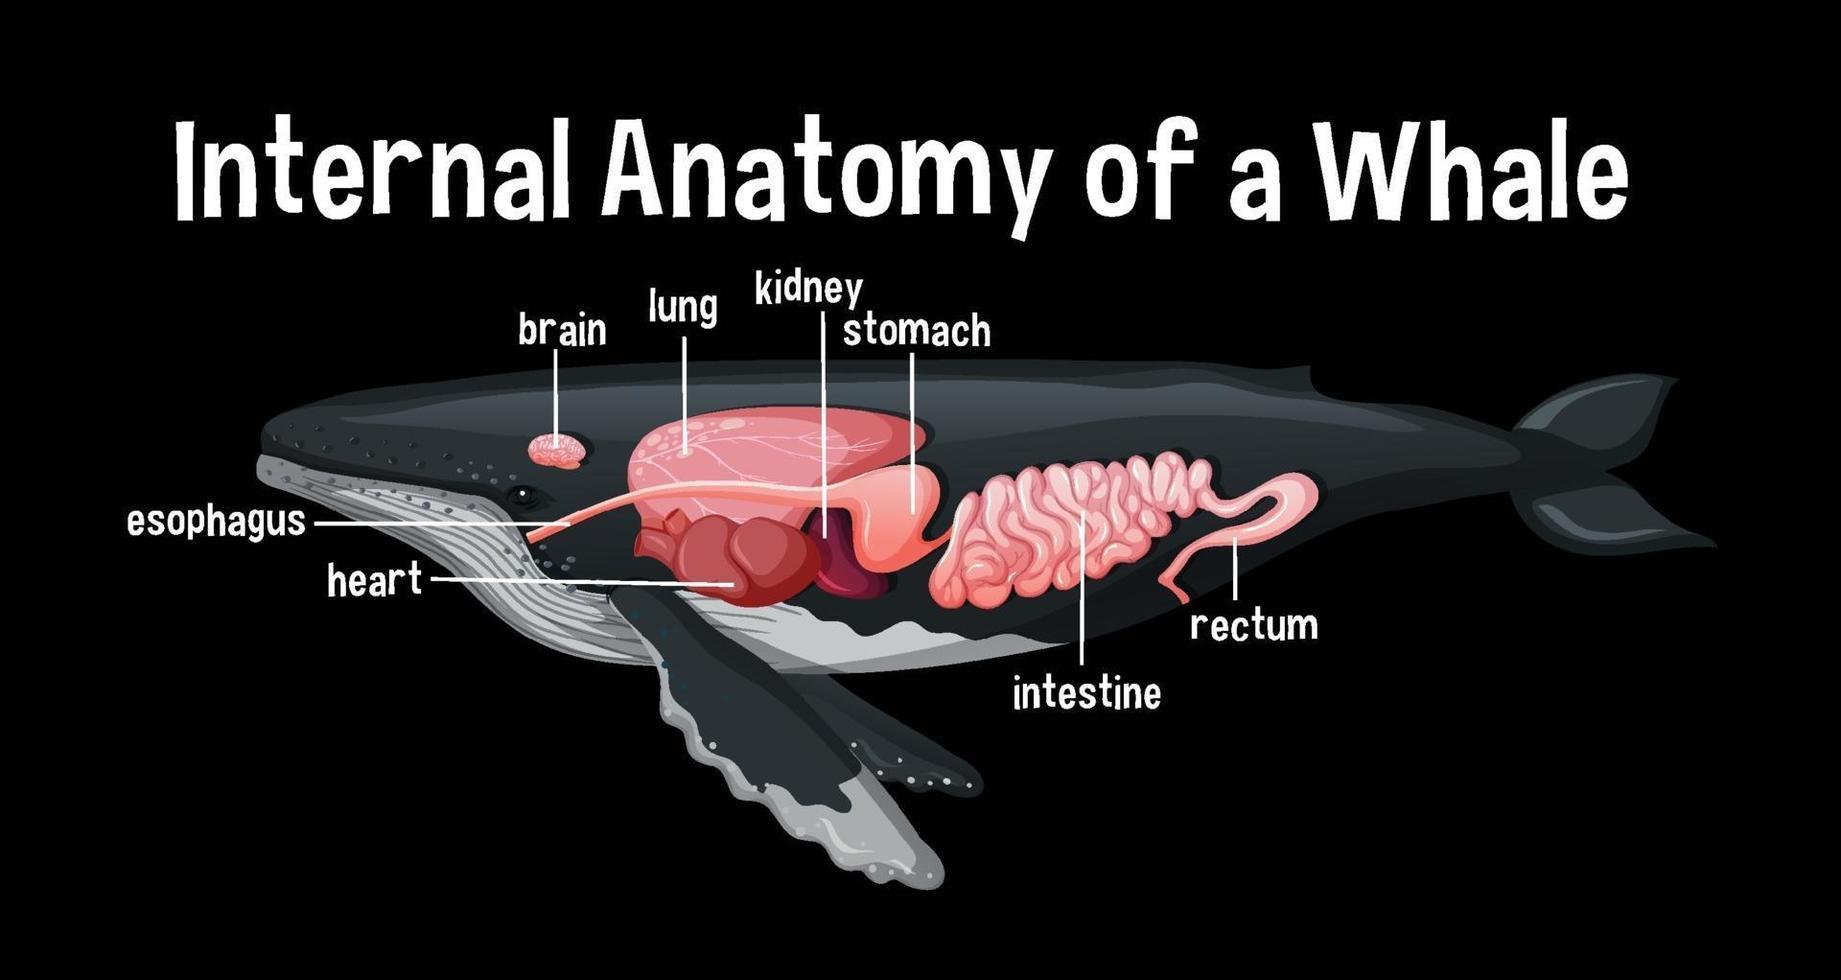 anatomie interne d'une baleine avec étiquette vecteur